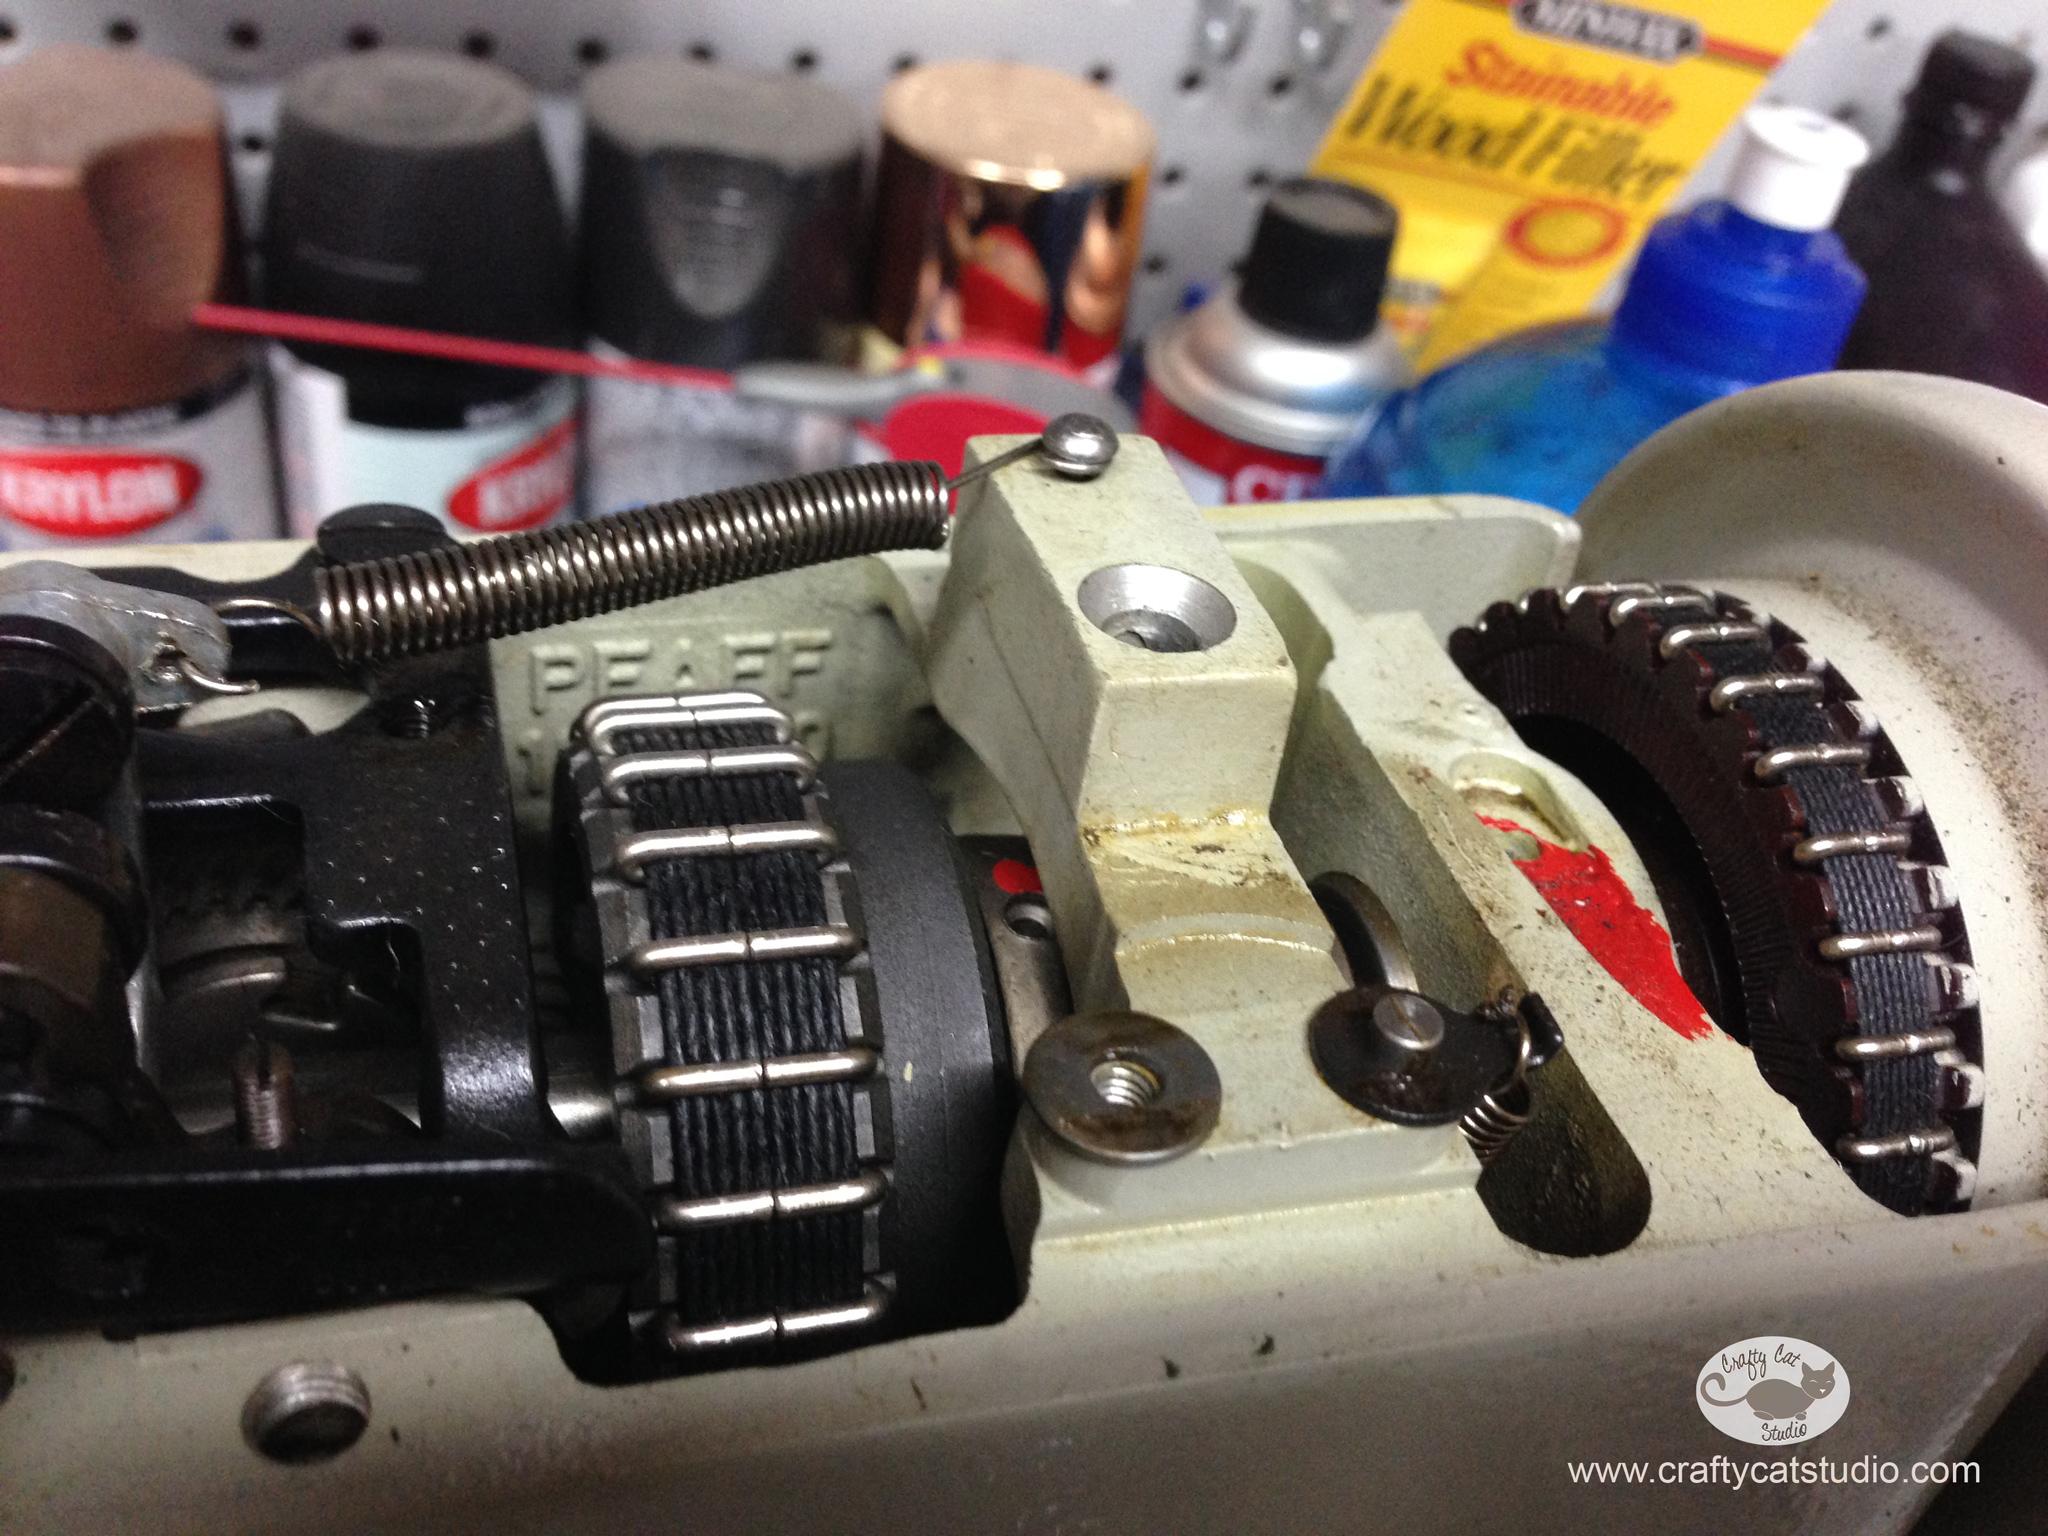 pfaff_closeup_belts.jpg